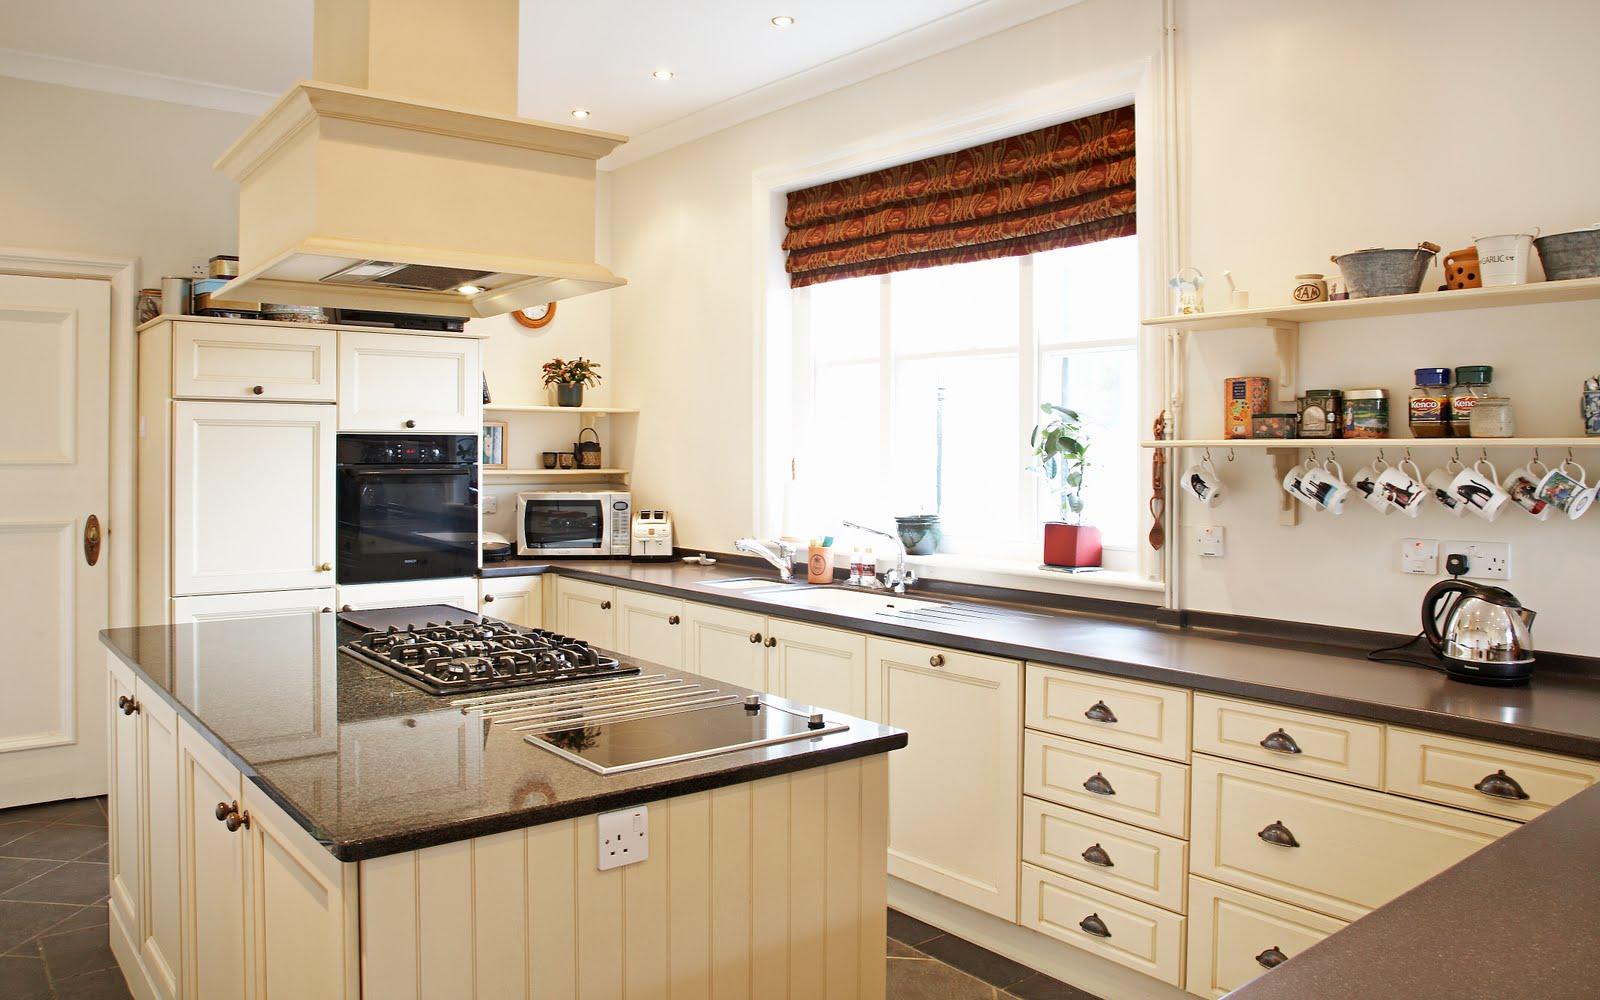 Cymru kitchens ltd cymru kitchens kitchen bathroom example for Kitchen examples pictures